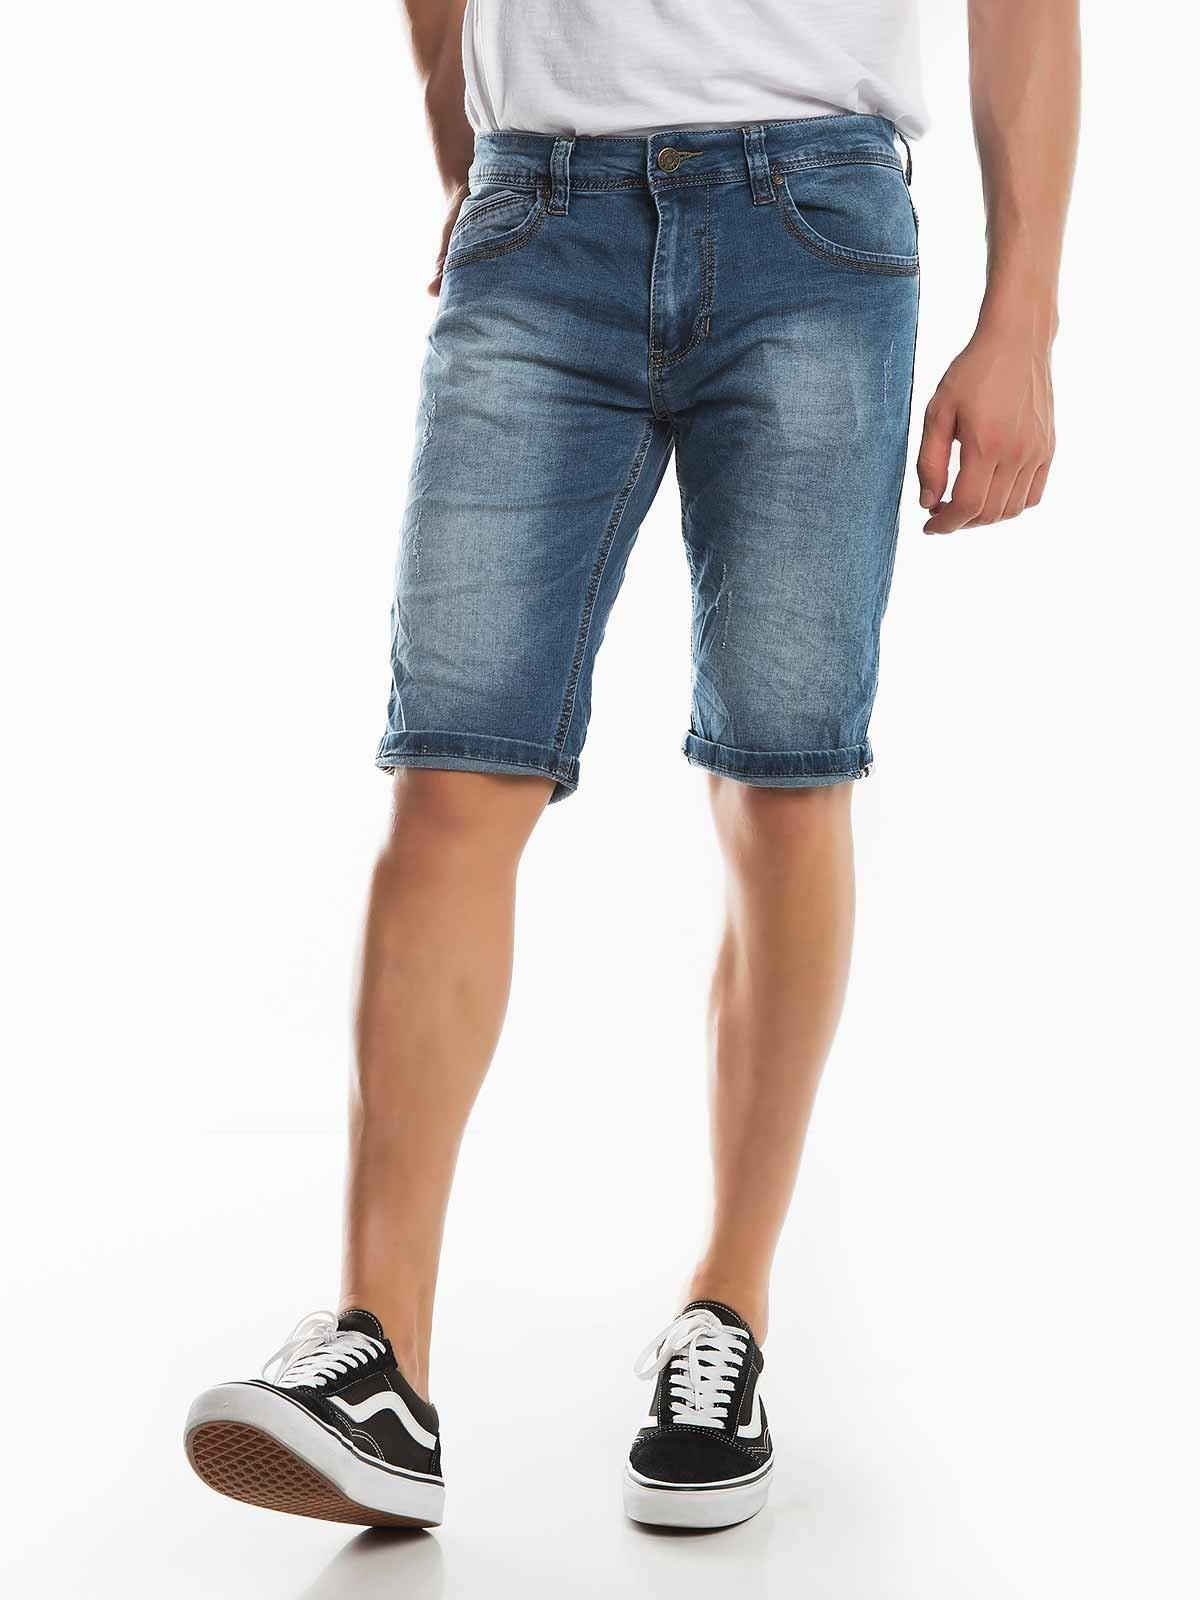 Pantalones cortos de mezclilla manchada